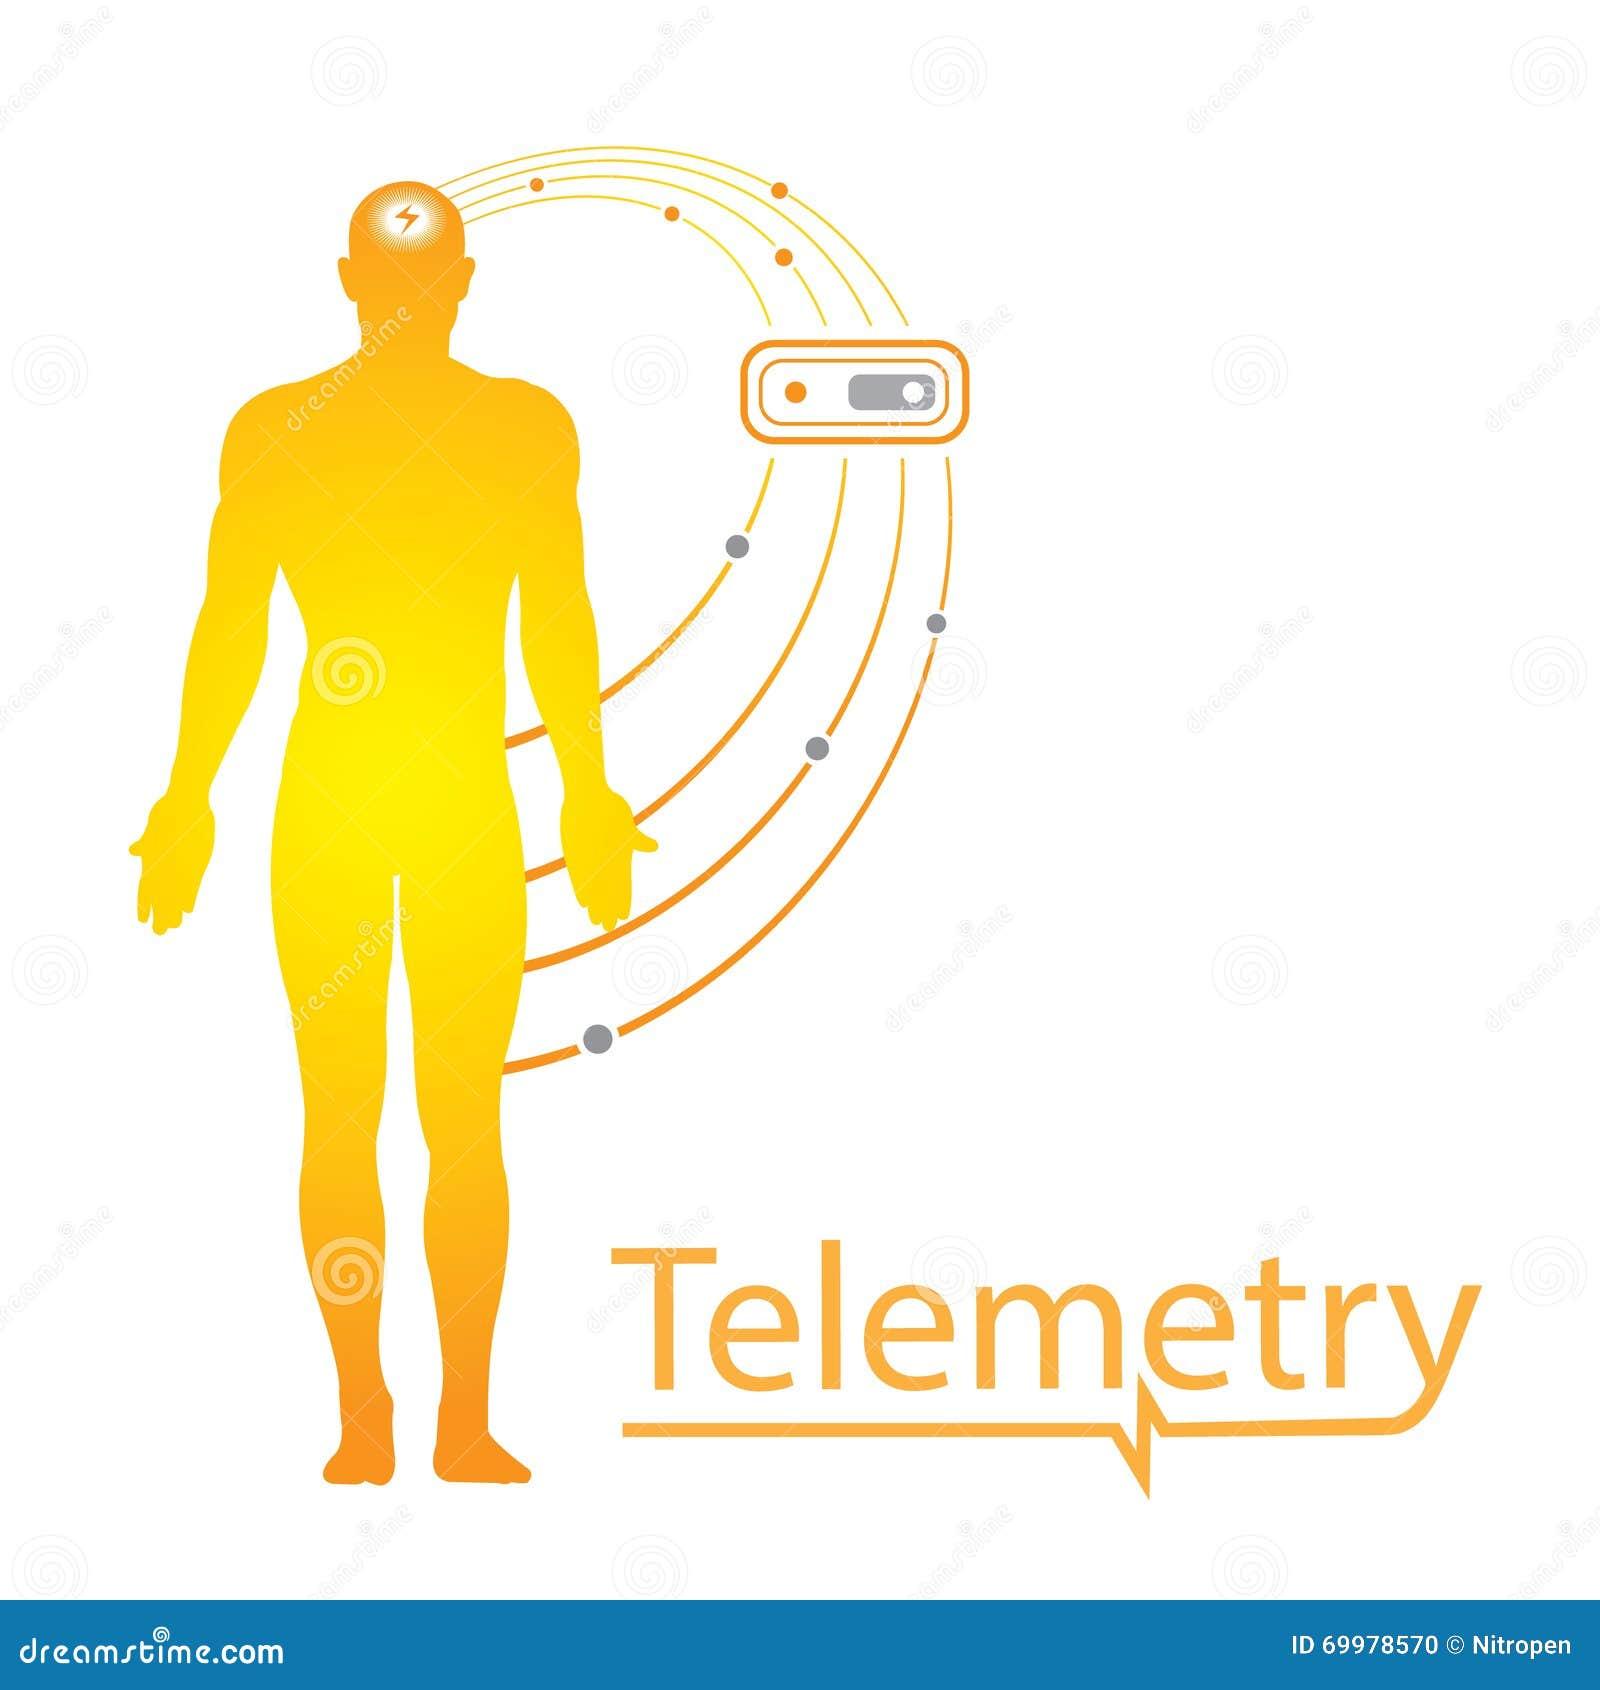 Telemetry Test logo icon